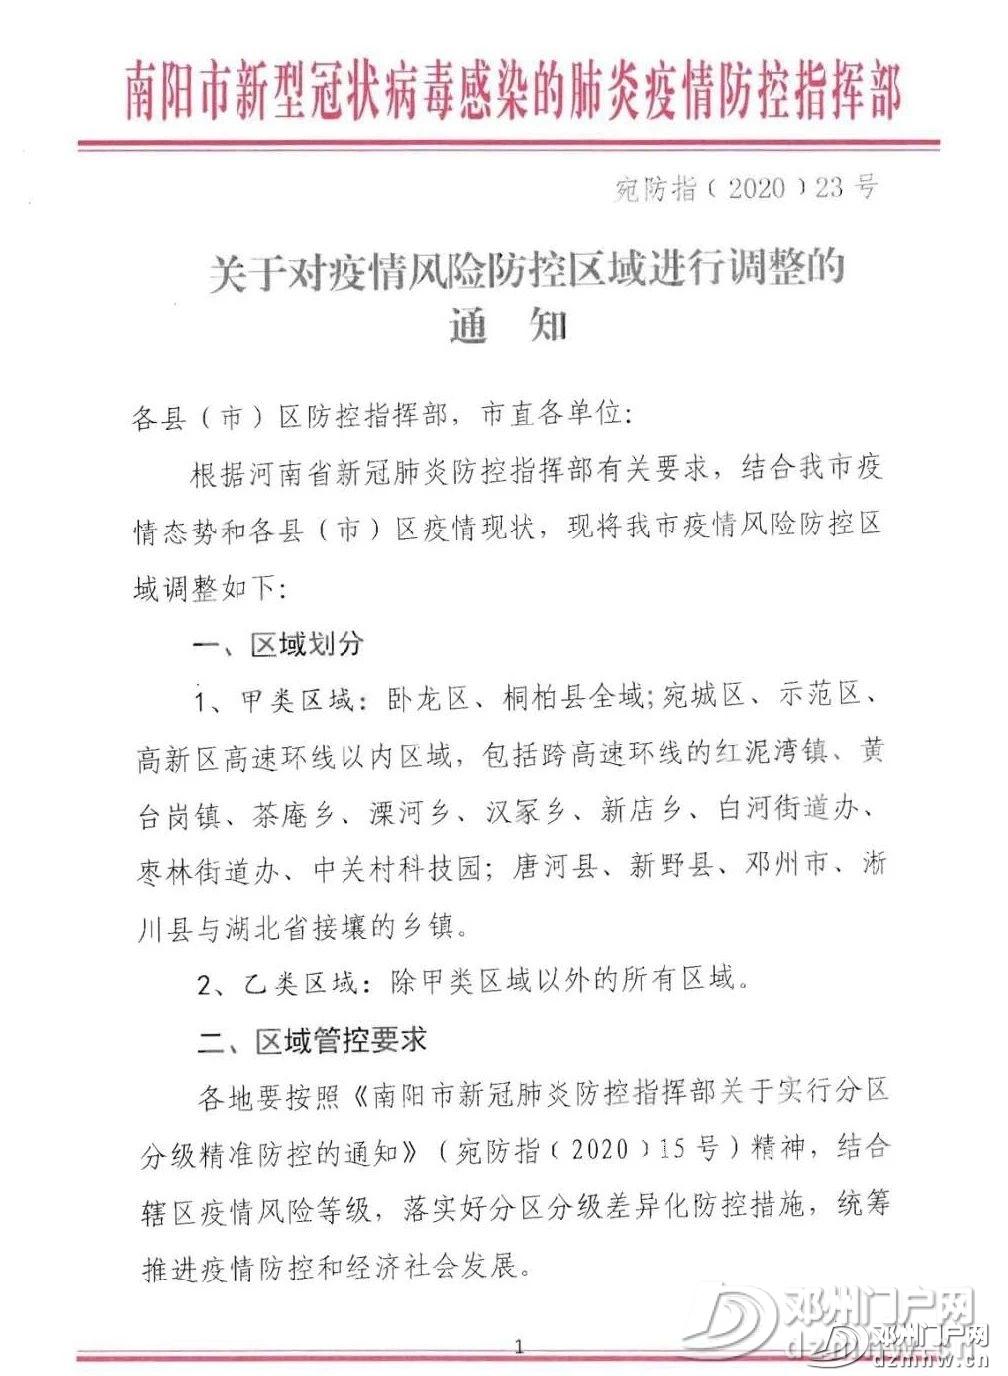 速转!关于邓州卡口撤销官方文件已出! - 邓州门户网 邓州网 - 4302dc7691df436c3dd5491b26867133.jpg